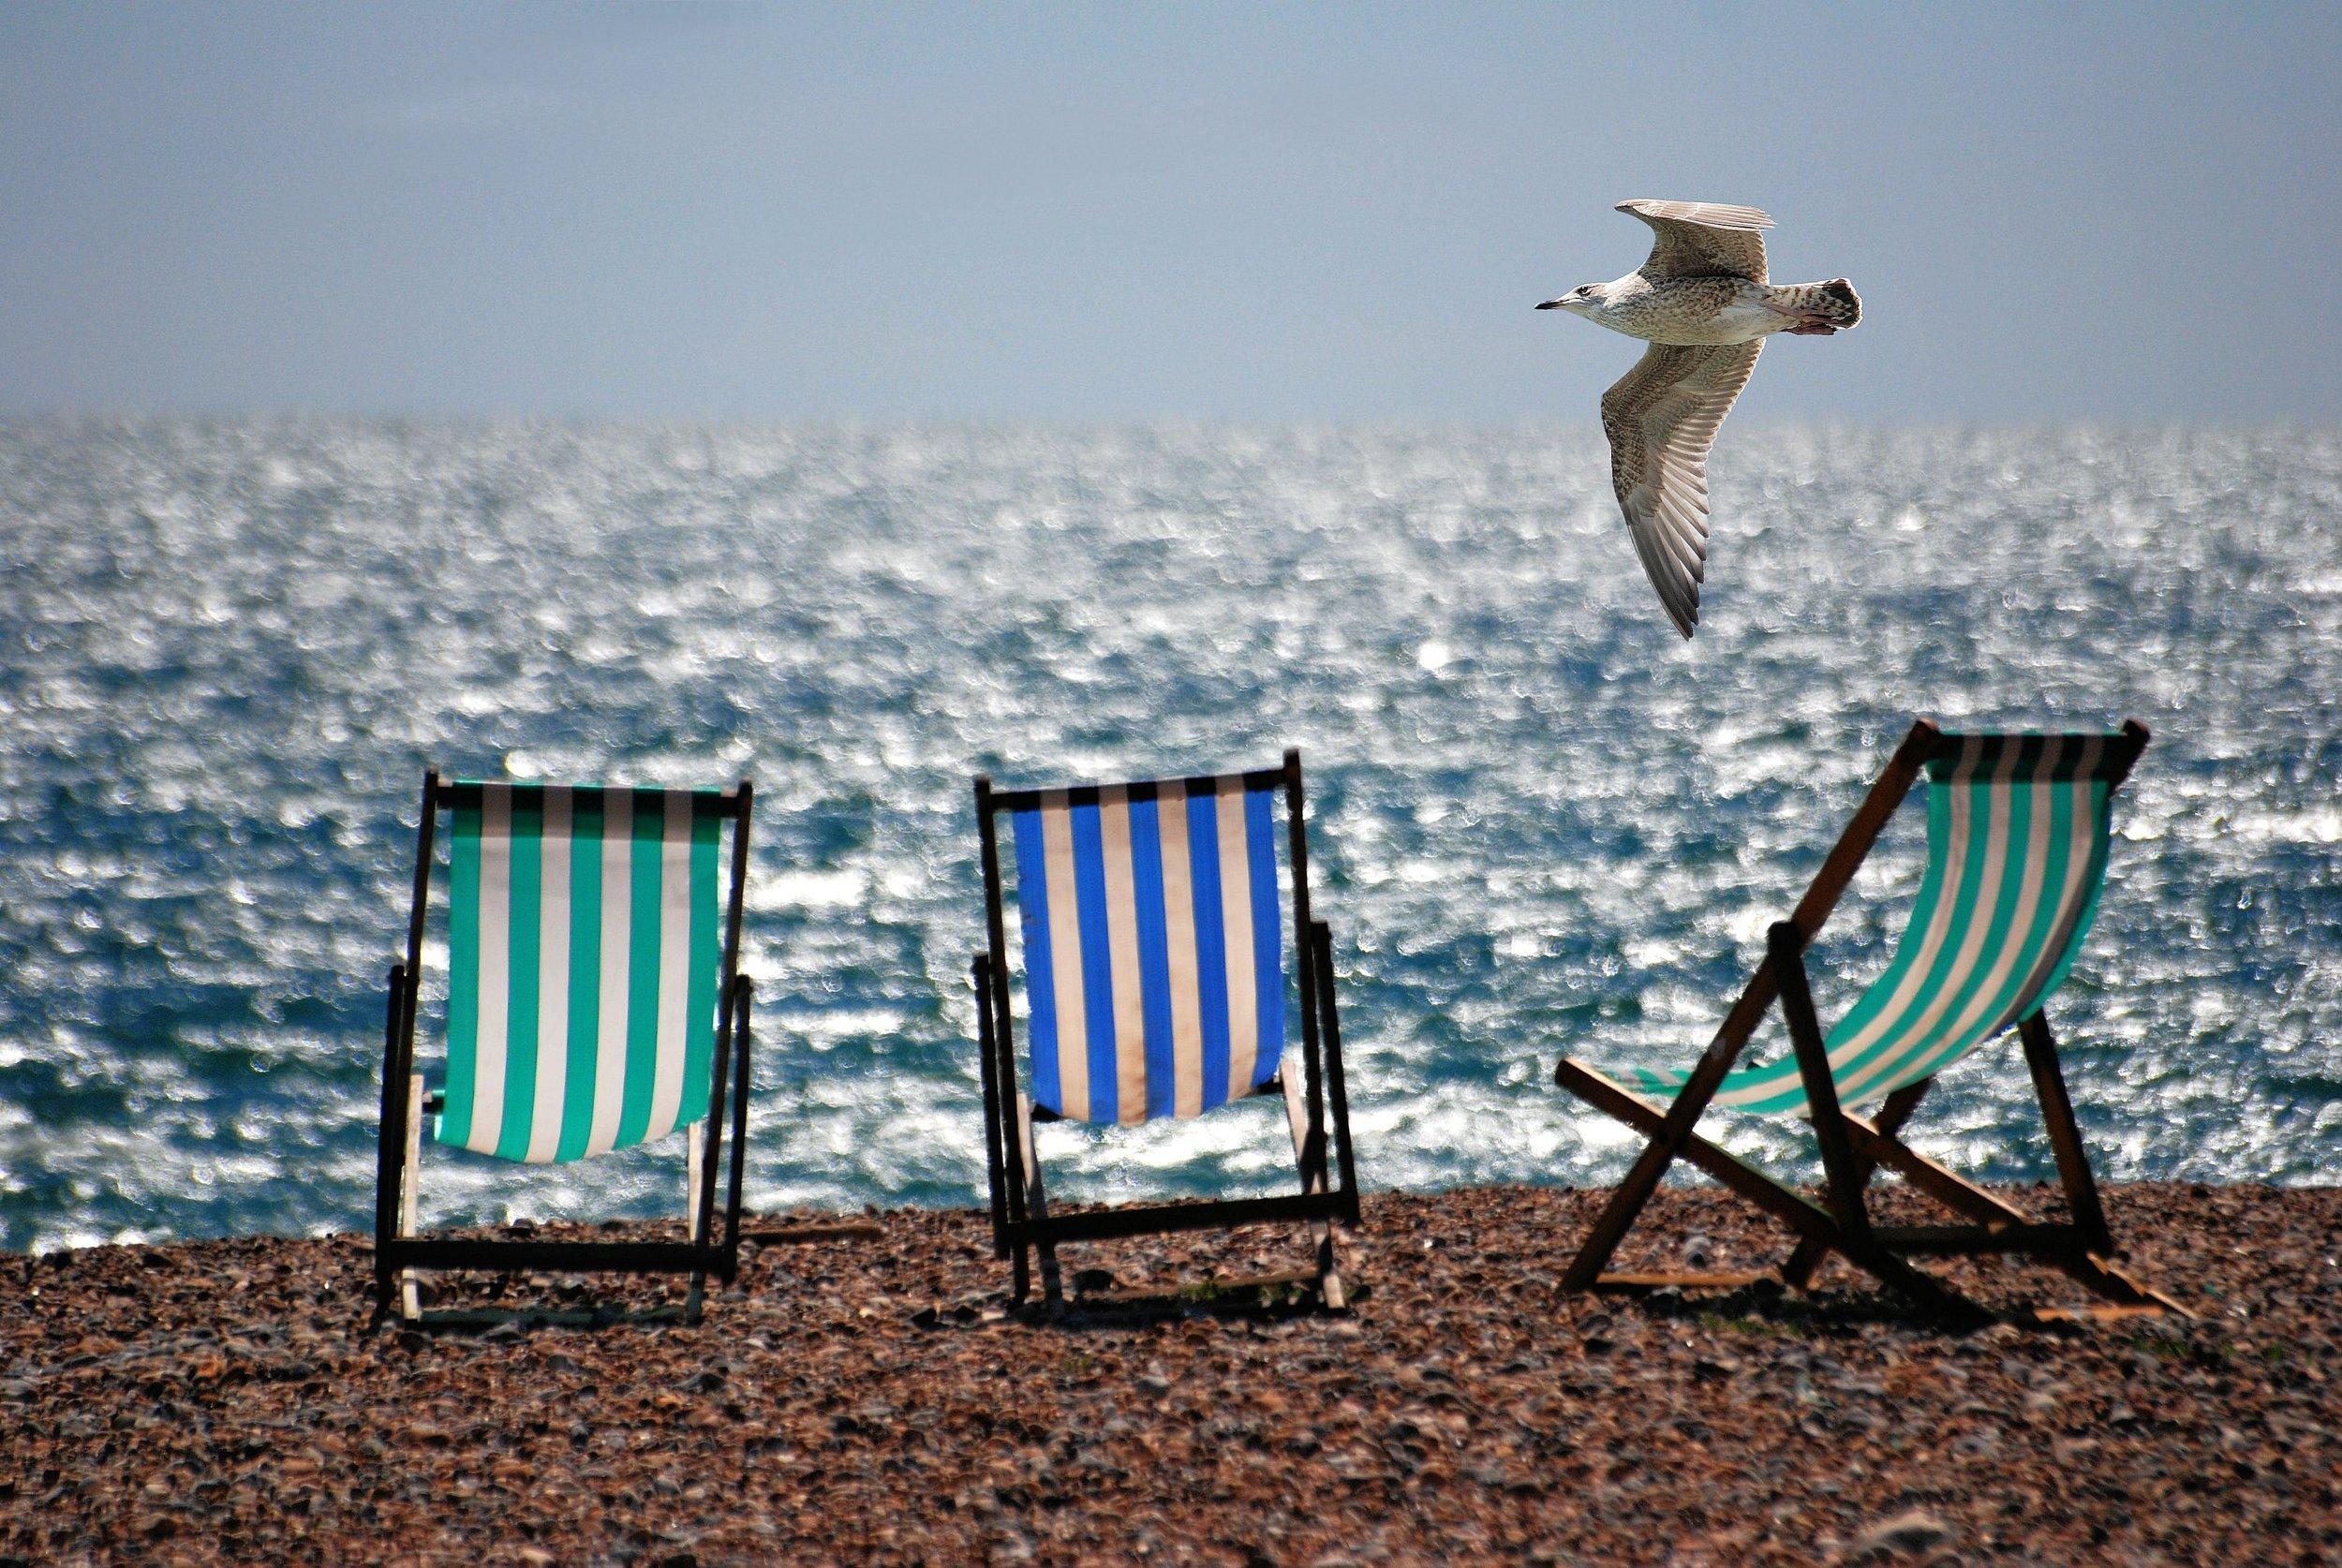 beach-deckchairs-ocean-54104.jpg